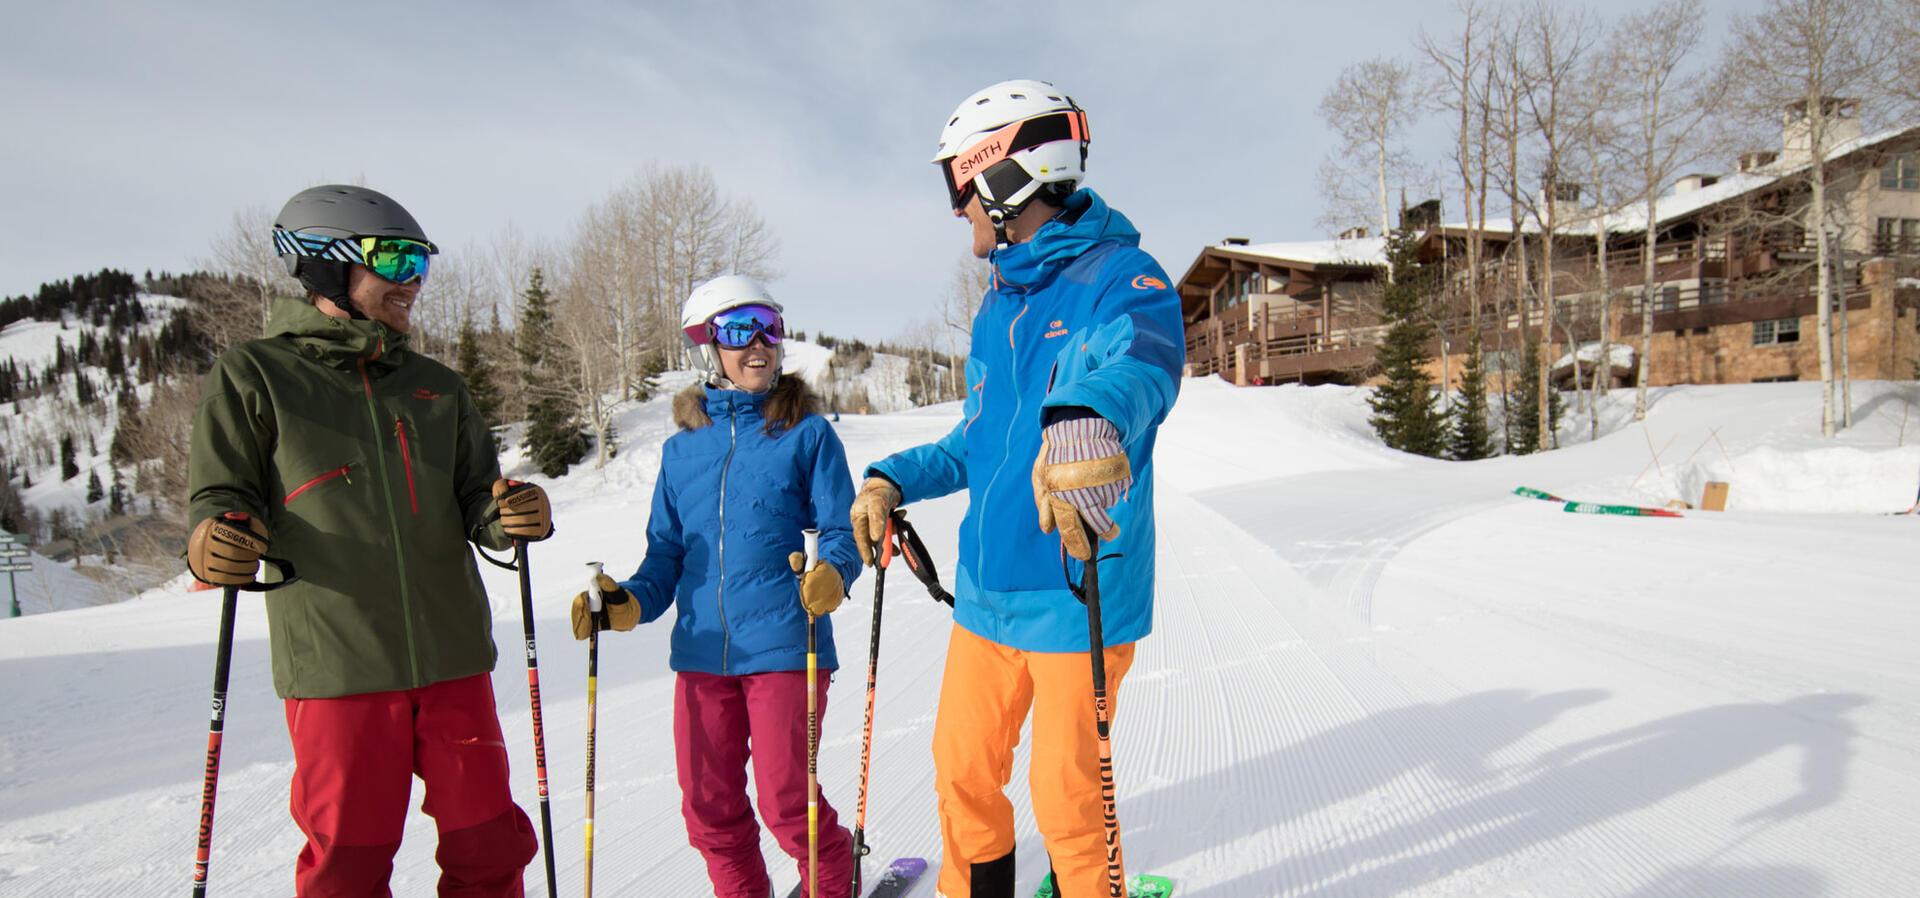 three people on skis